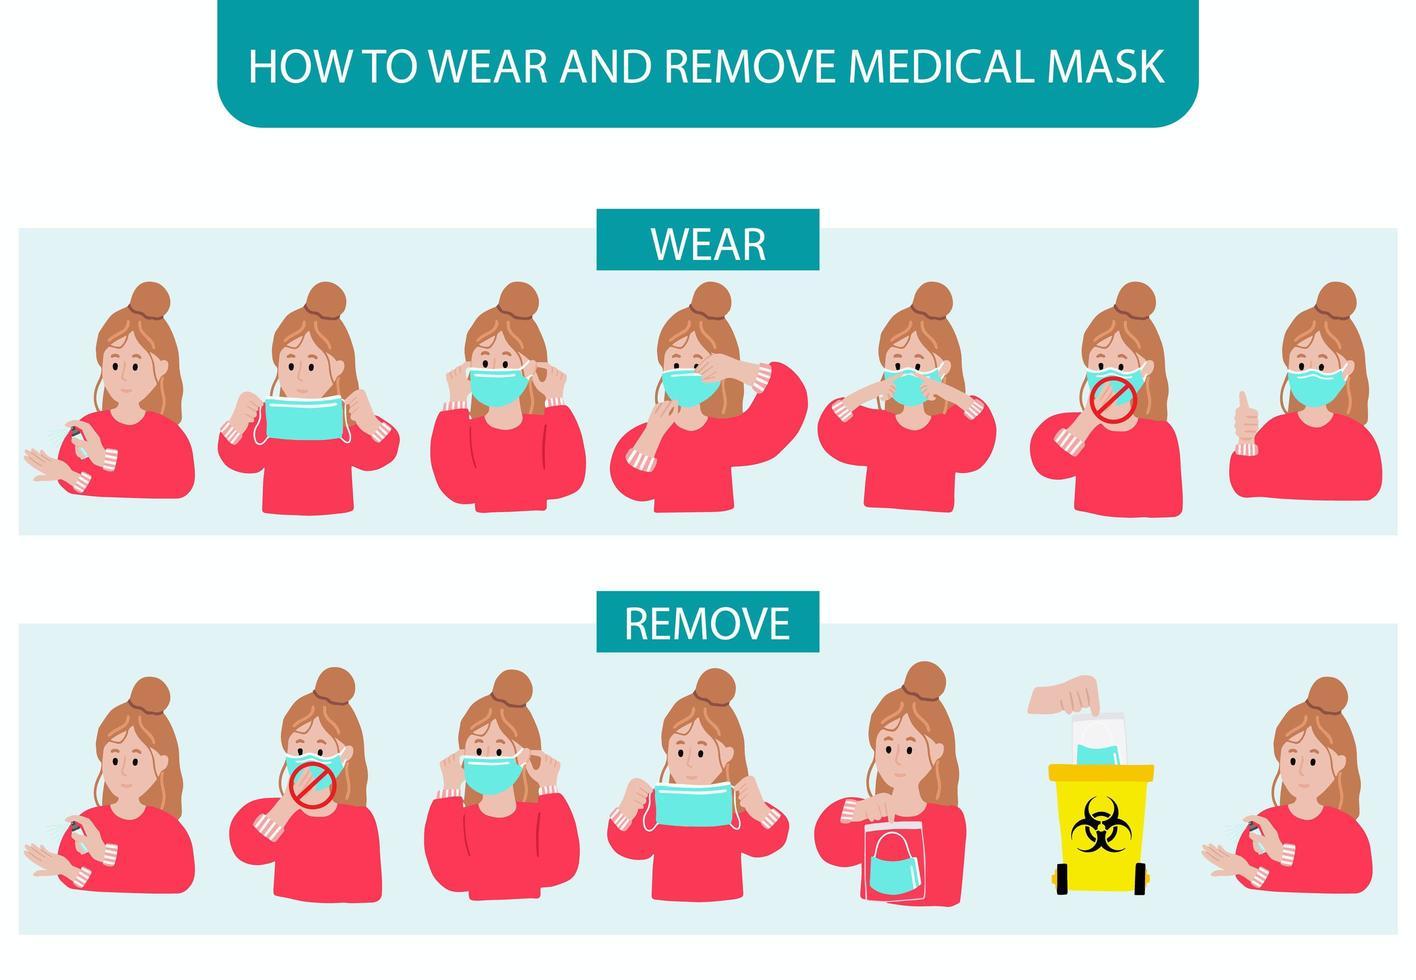 comment porter et enlever le masque étape par étape avec une femme démontrant vecteur